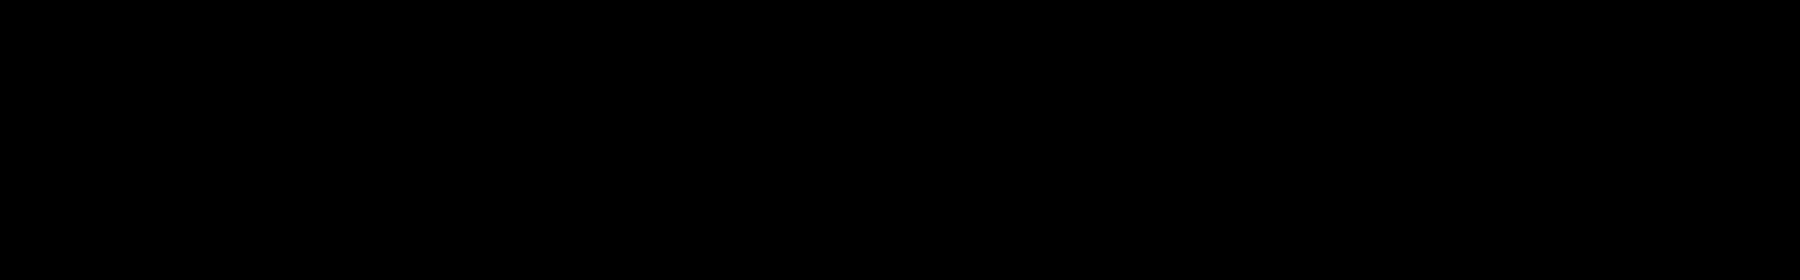 Retro Game audio waveform